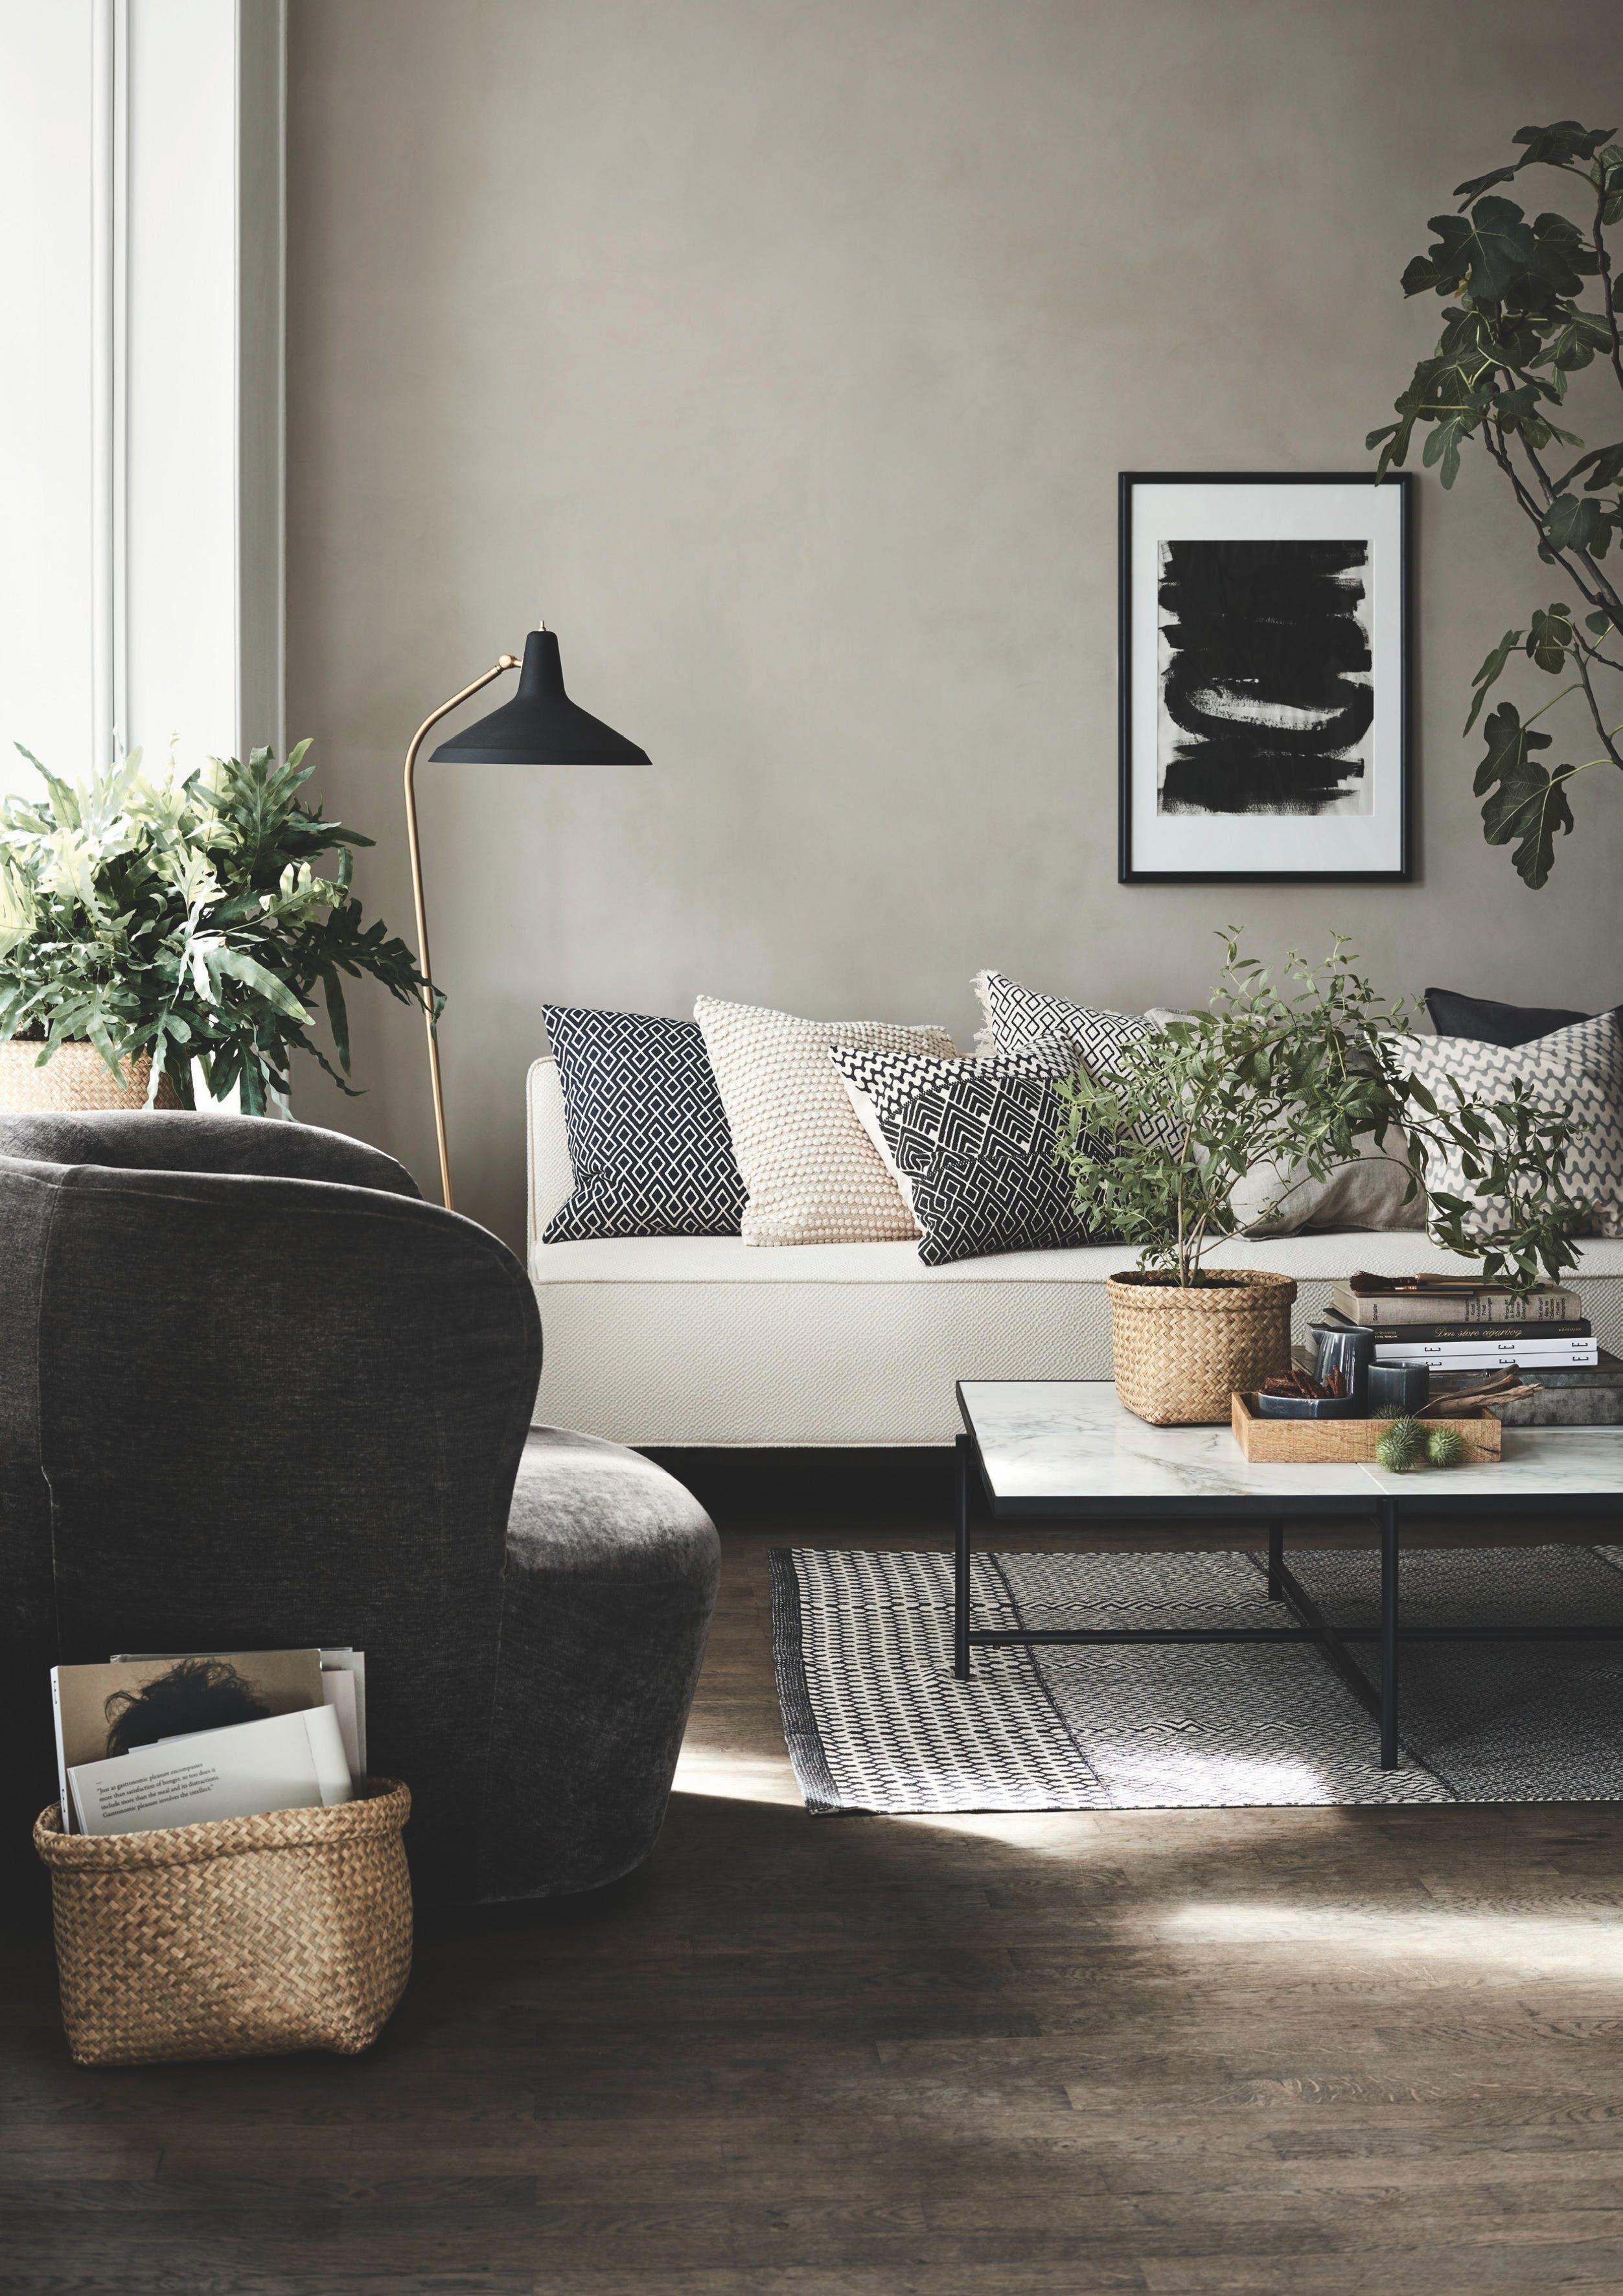 8 gode råd: Sådan skaber du et hyggeligt hjem